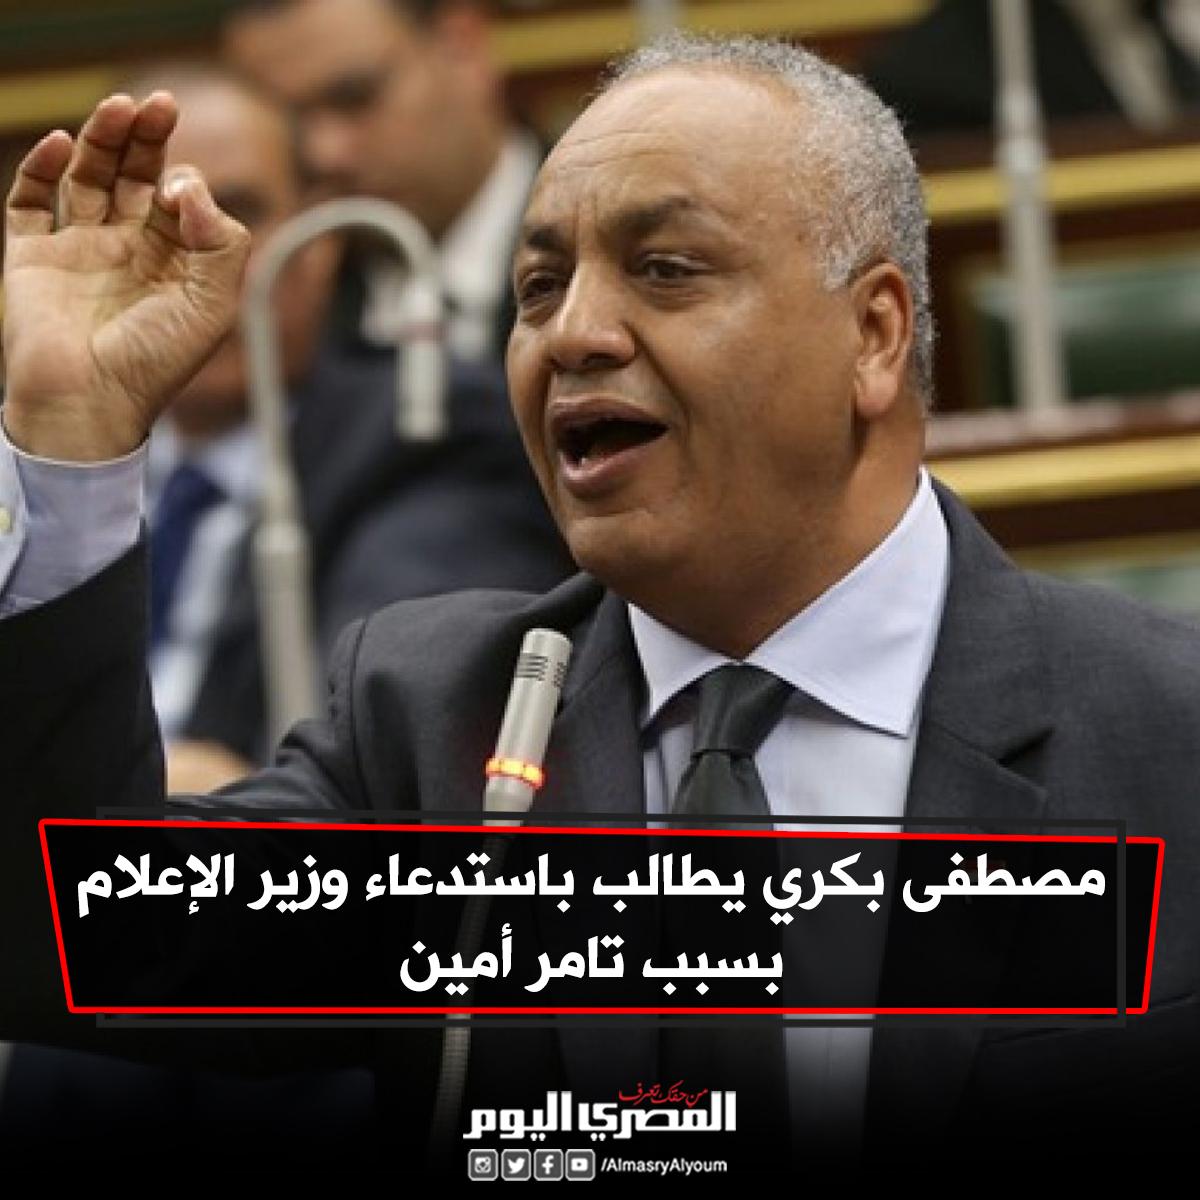 مصطفى بكري يطالب باستدعاء وزير الإعلام بسبب تامر أمين